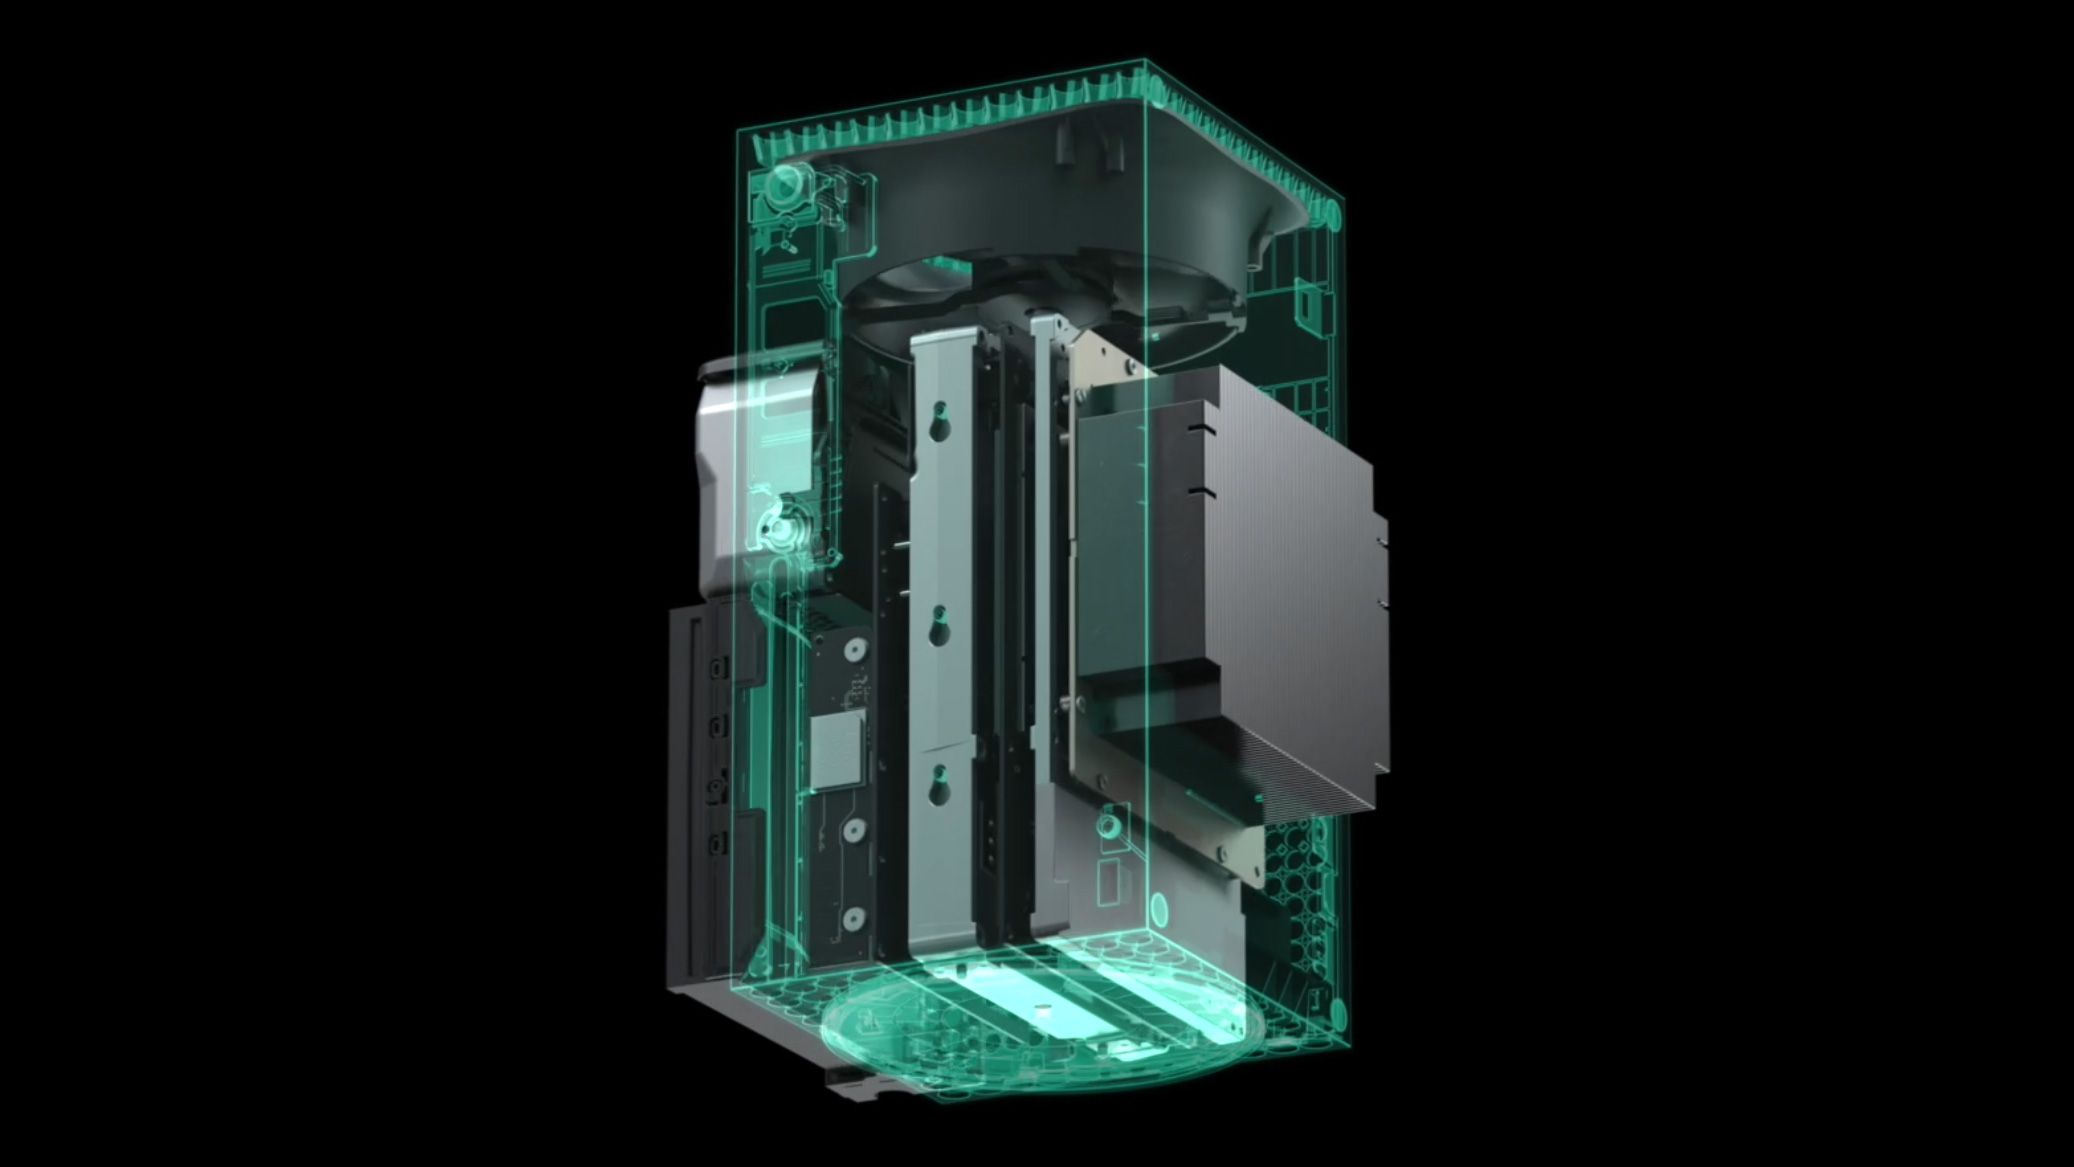 Slik ser Xbox Series X ut på innsiden. Merk den store viften i toppen og kraftige kjøleribben med dampkammer bakerst til høyre.